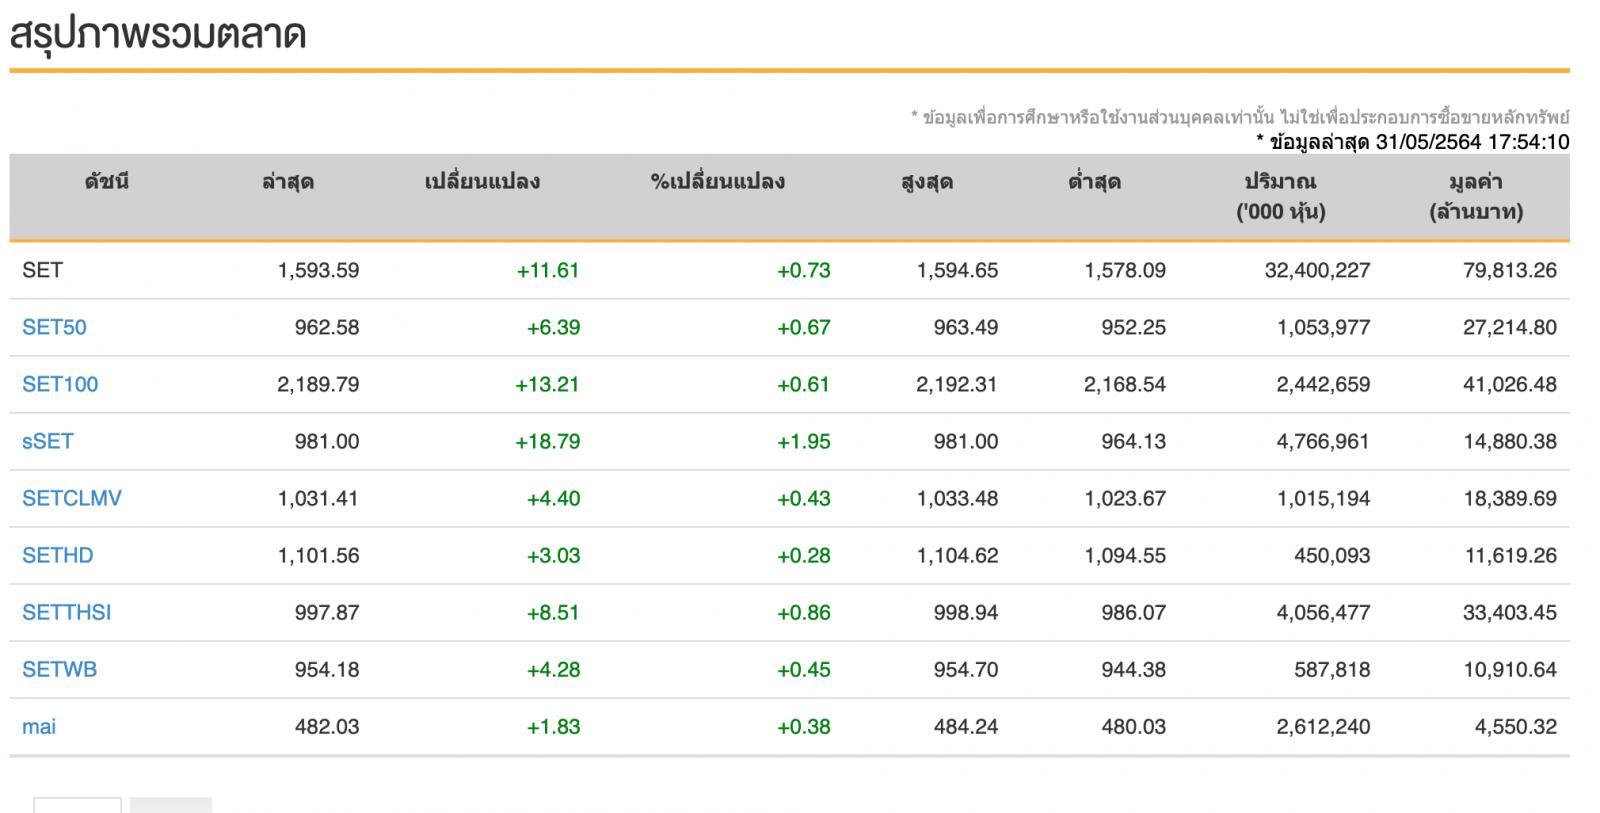 หุ้นไทย (31 พ.ค.64) ปิดการซื้อขาย 1,593.59 จุด เพิ่มขึ้น 11.61 จุด